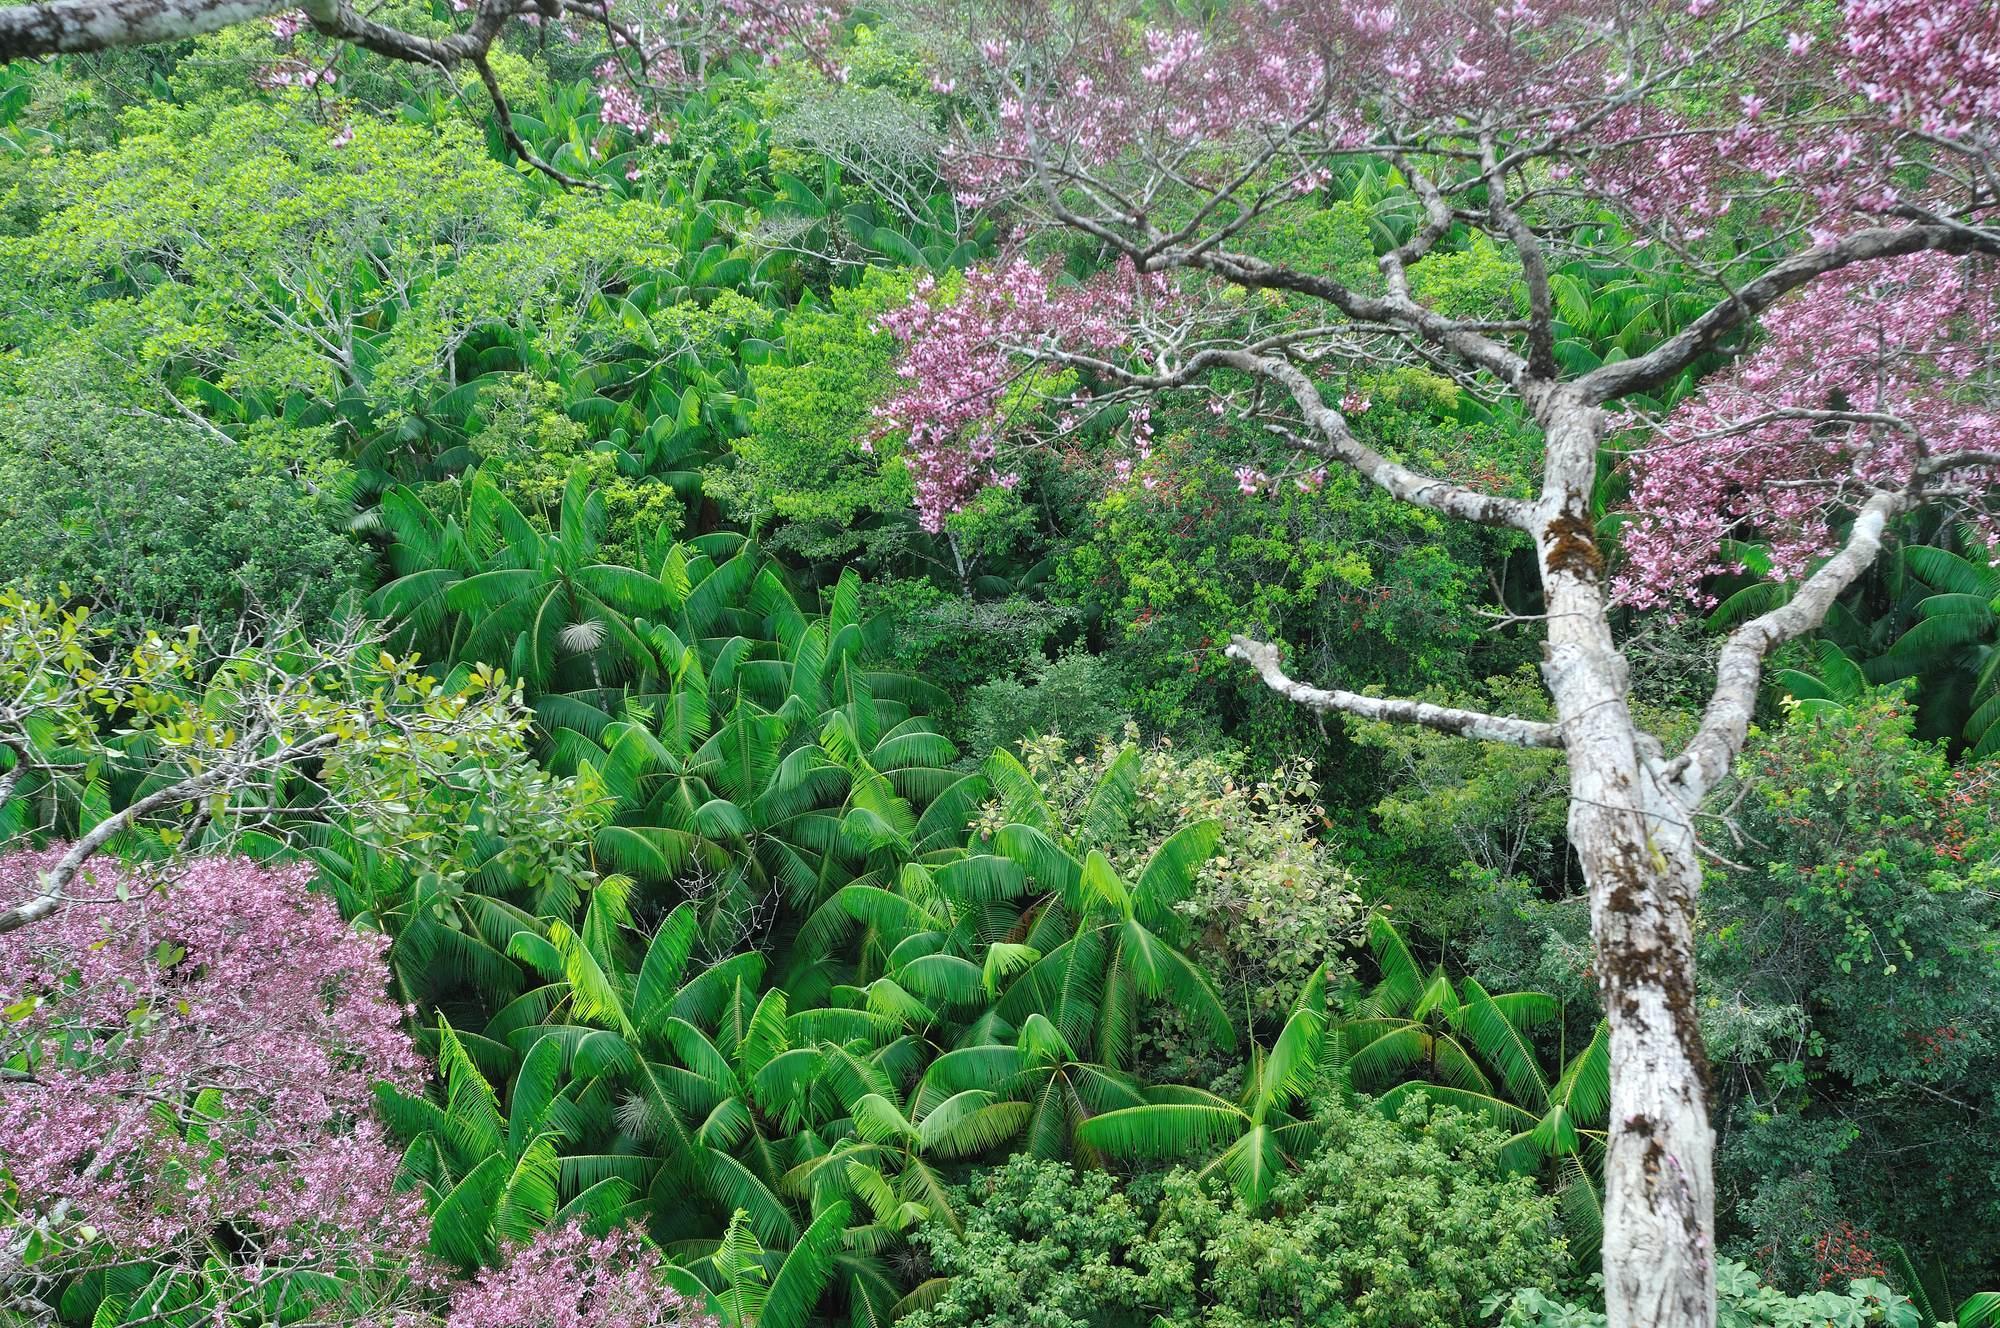 Vue de la forêt, des arbres Couratari, sur le site du permis